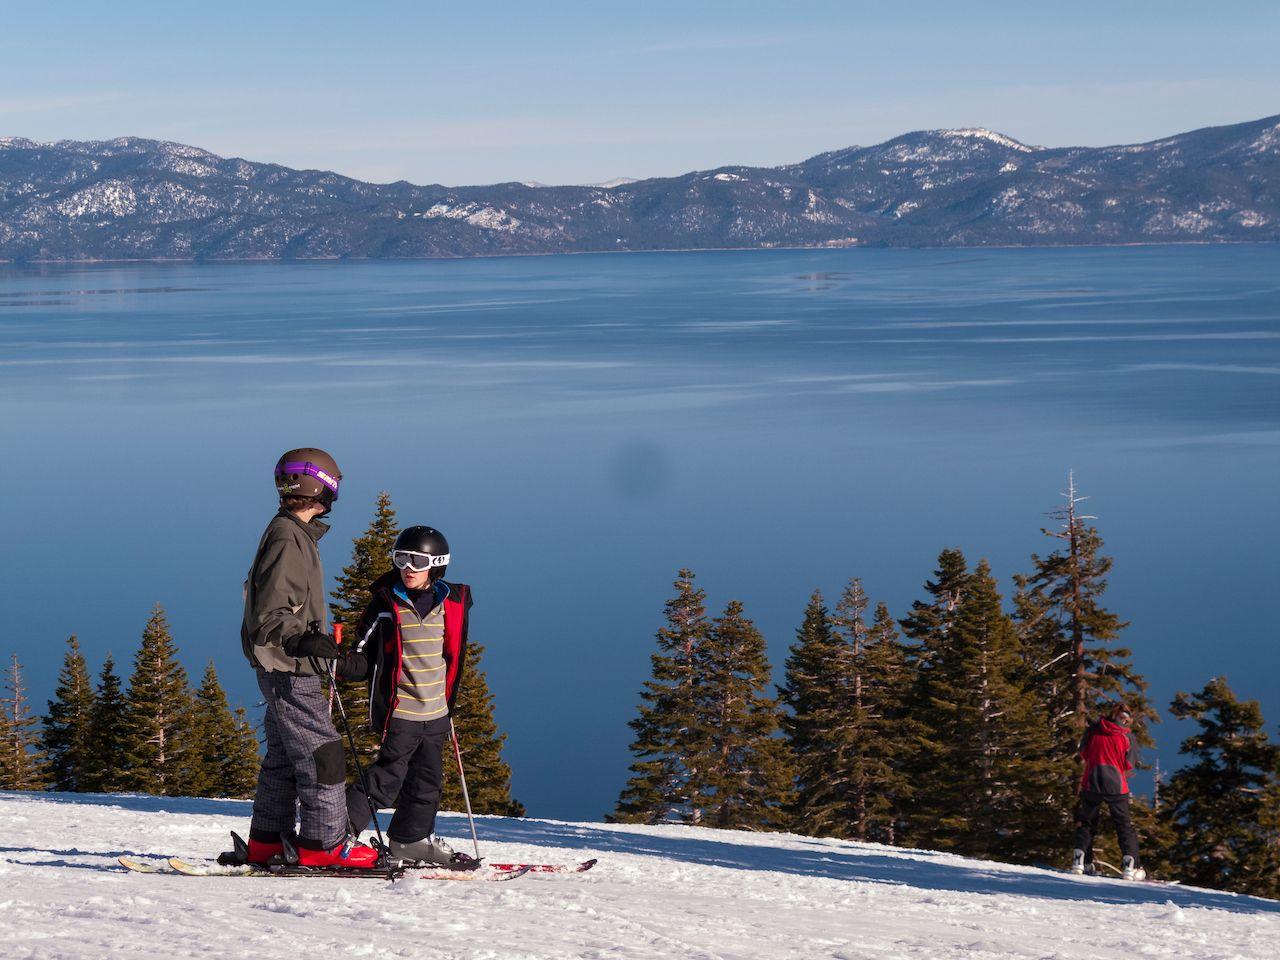 Skiers in Lake Tahoe